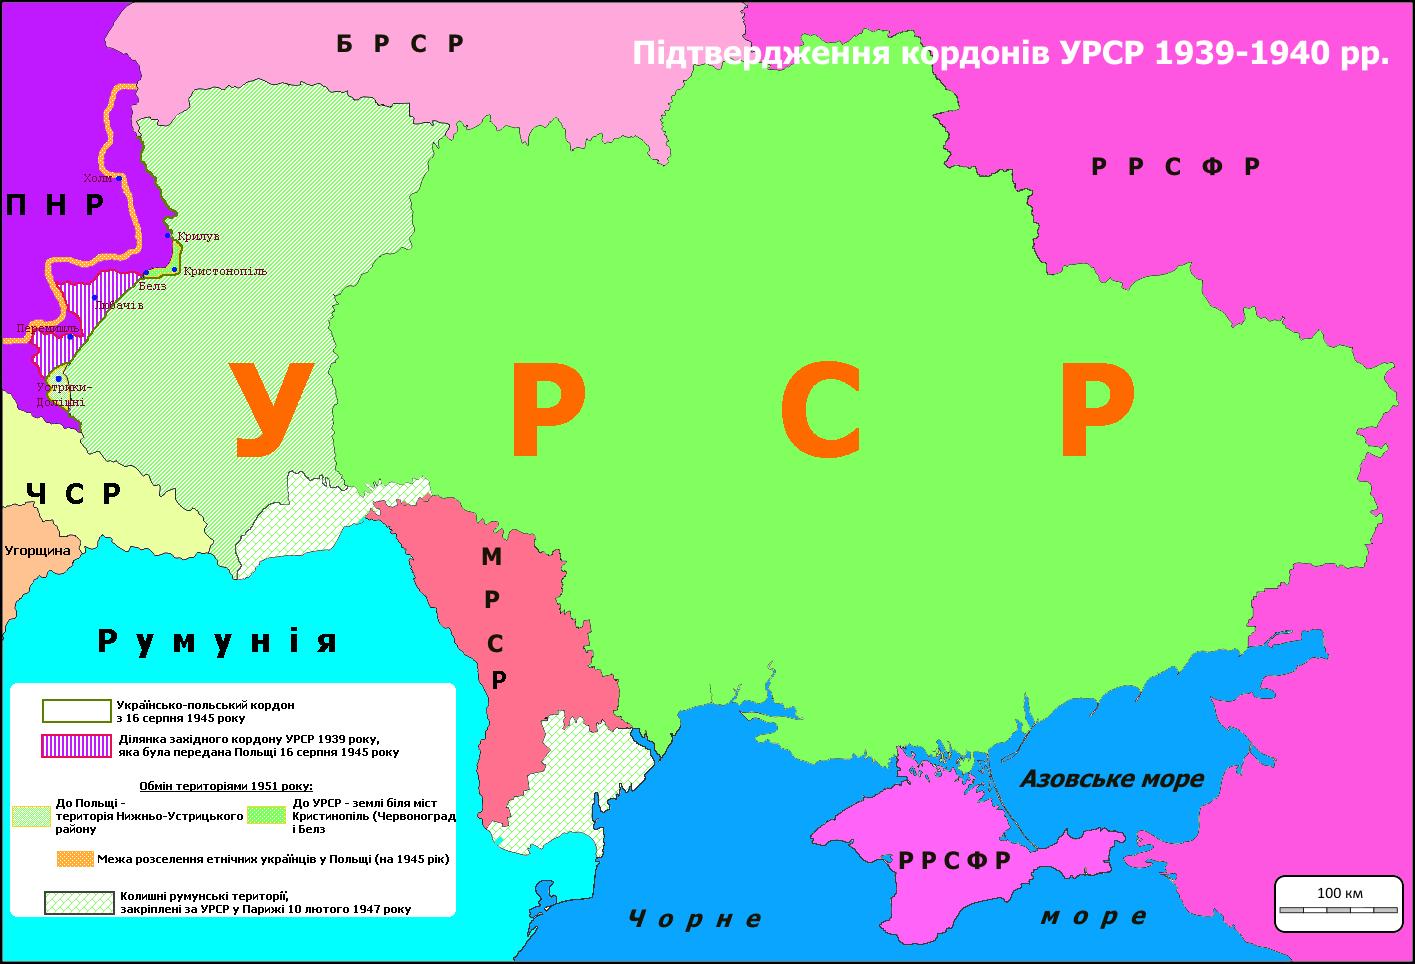 Підтвердження кордонів УРСР 1939-1940 рр.